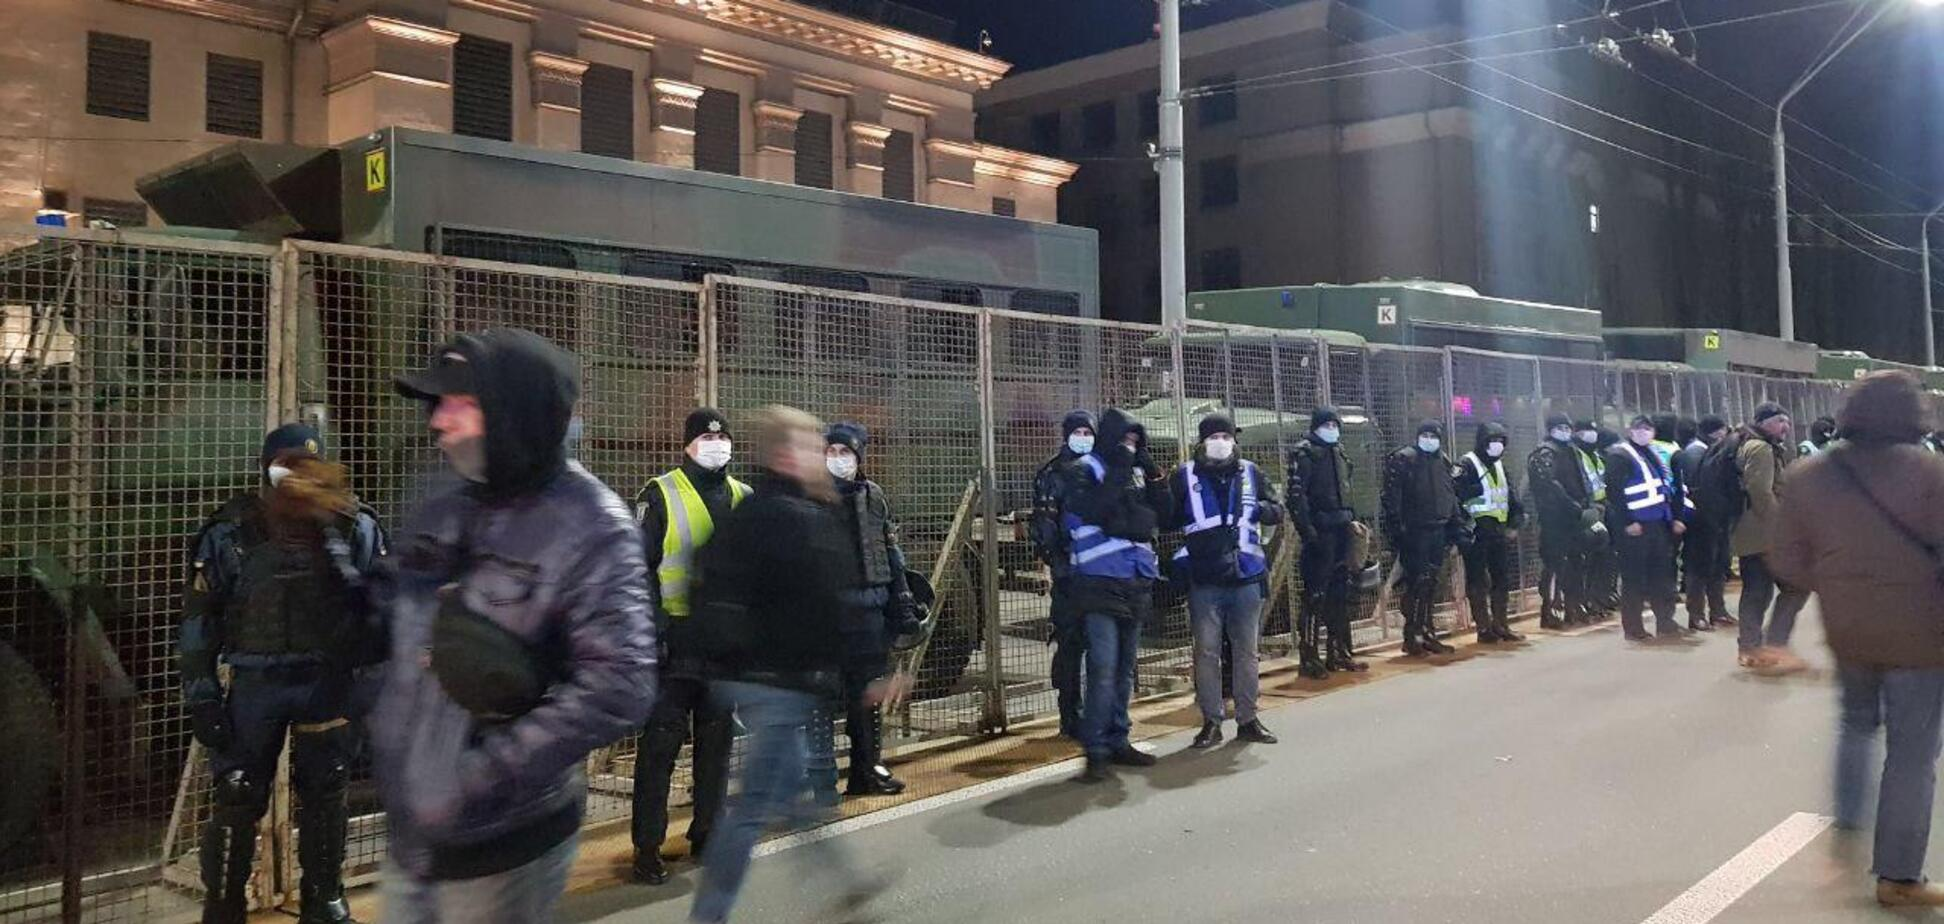 Посольство России в Киеве оградили военной техникой. Фото и видео